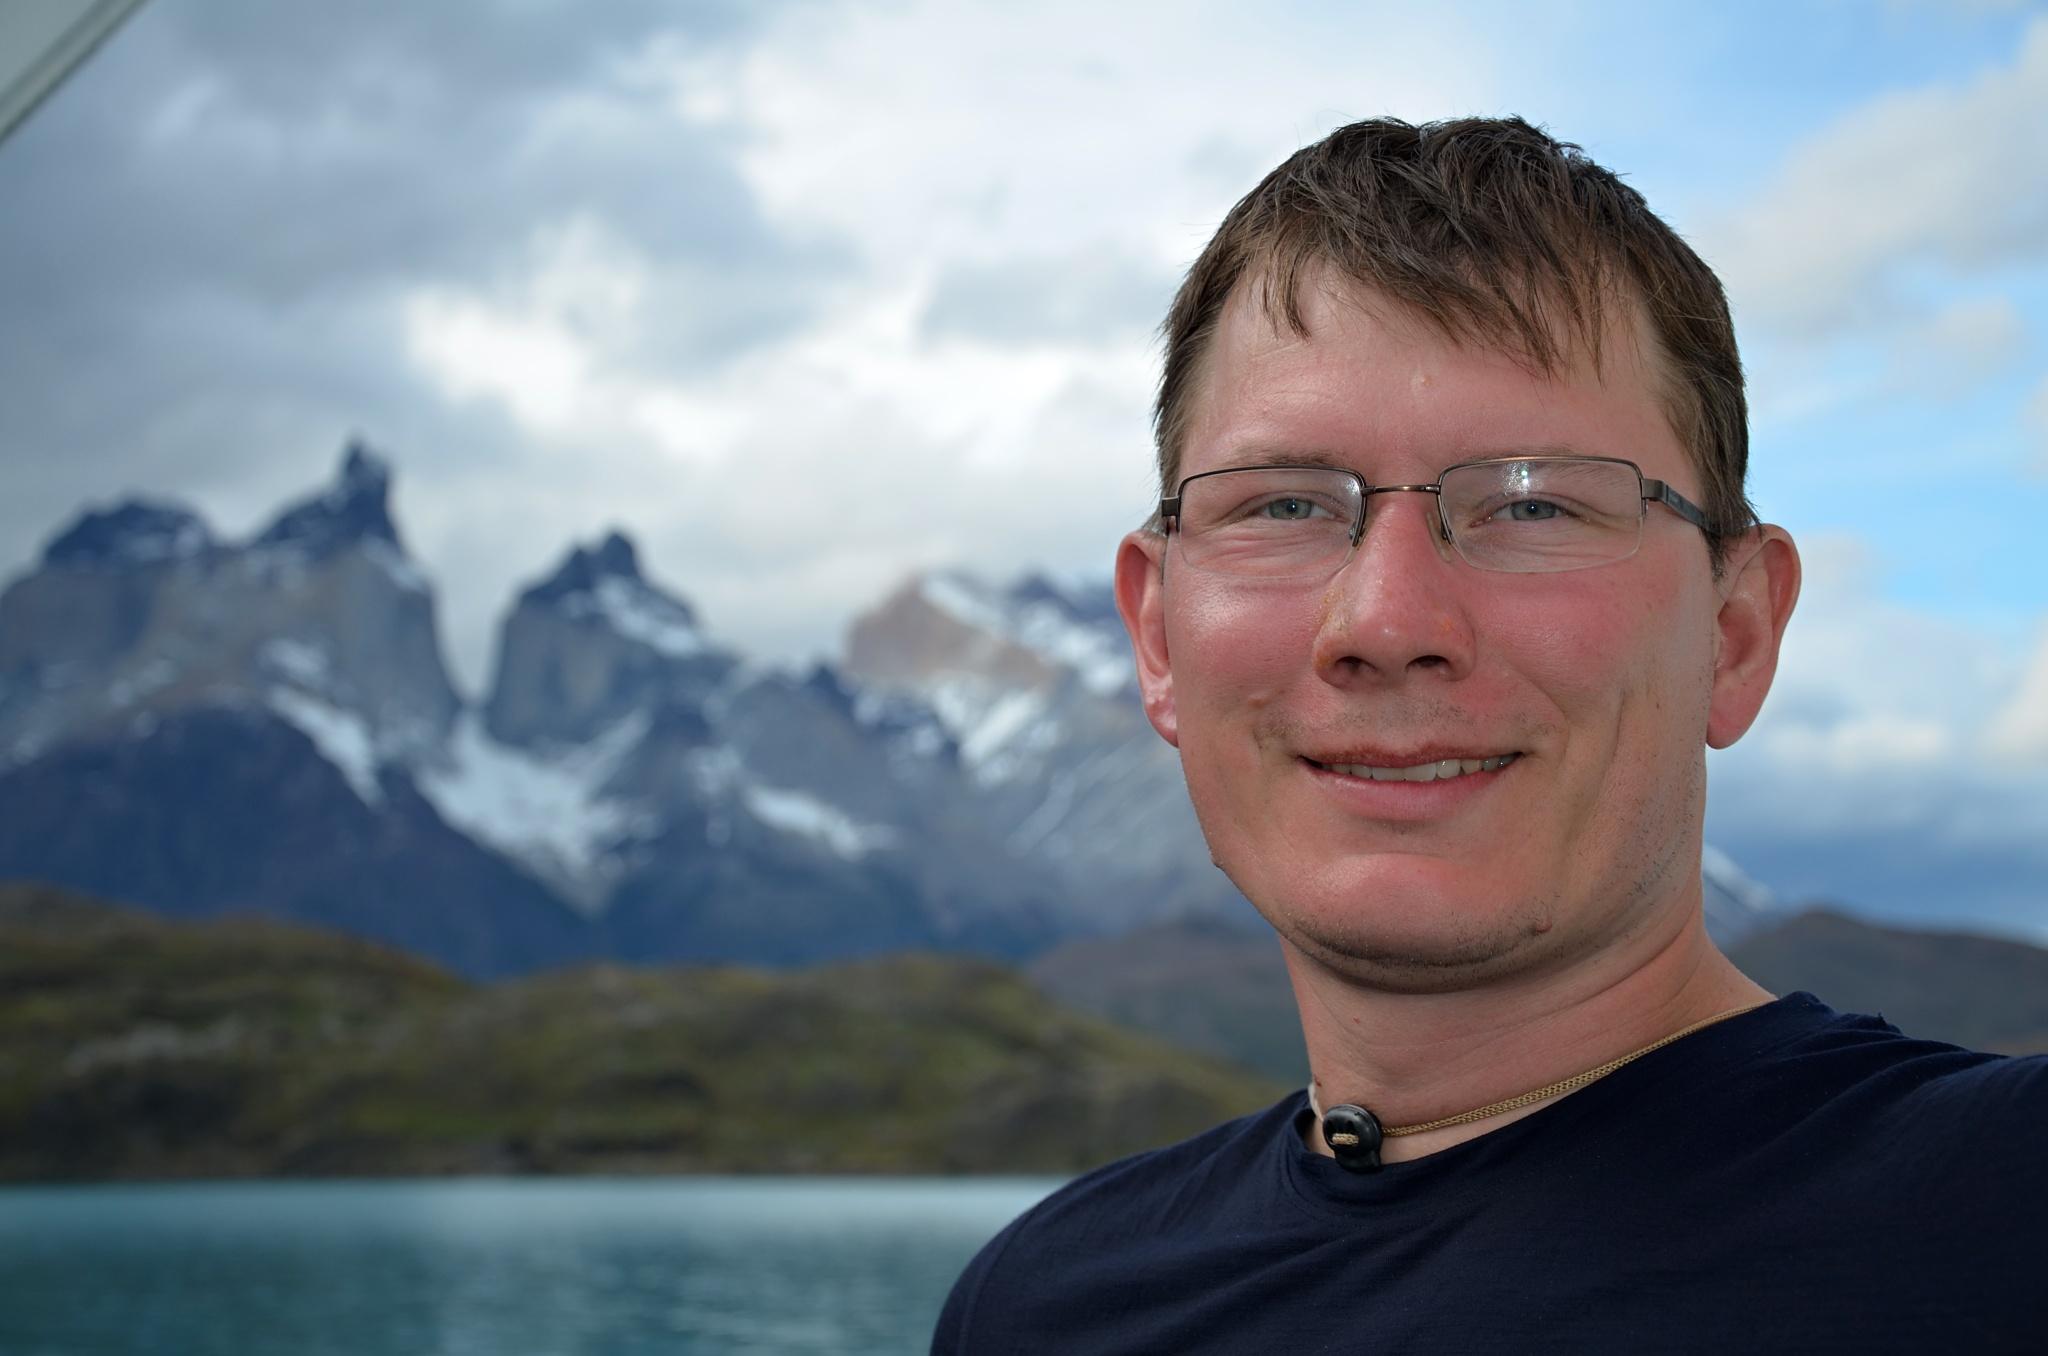 Momentka před Cuernos del Paine